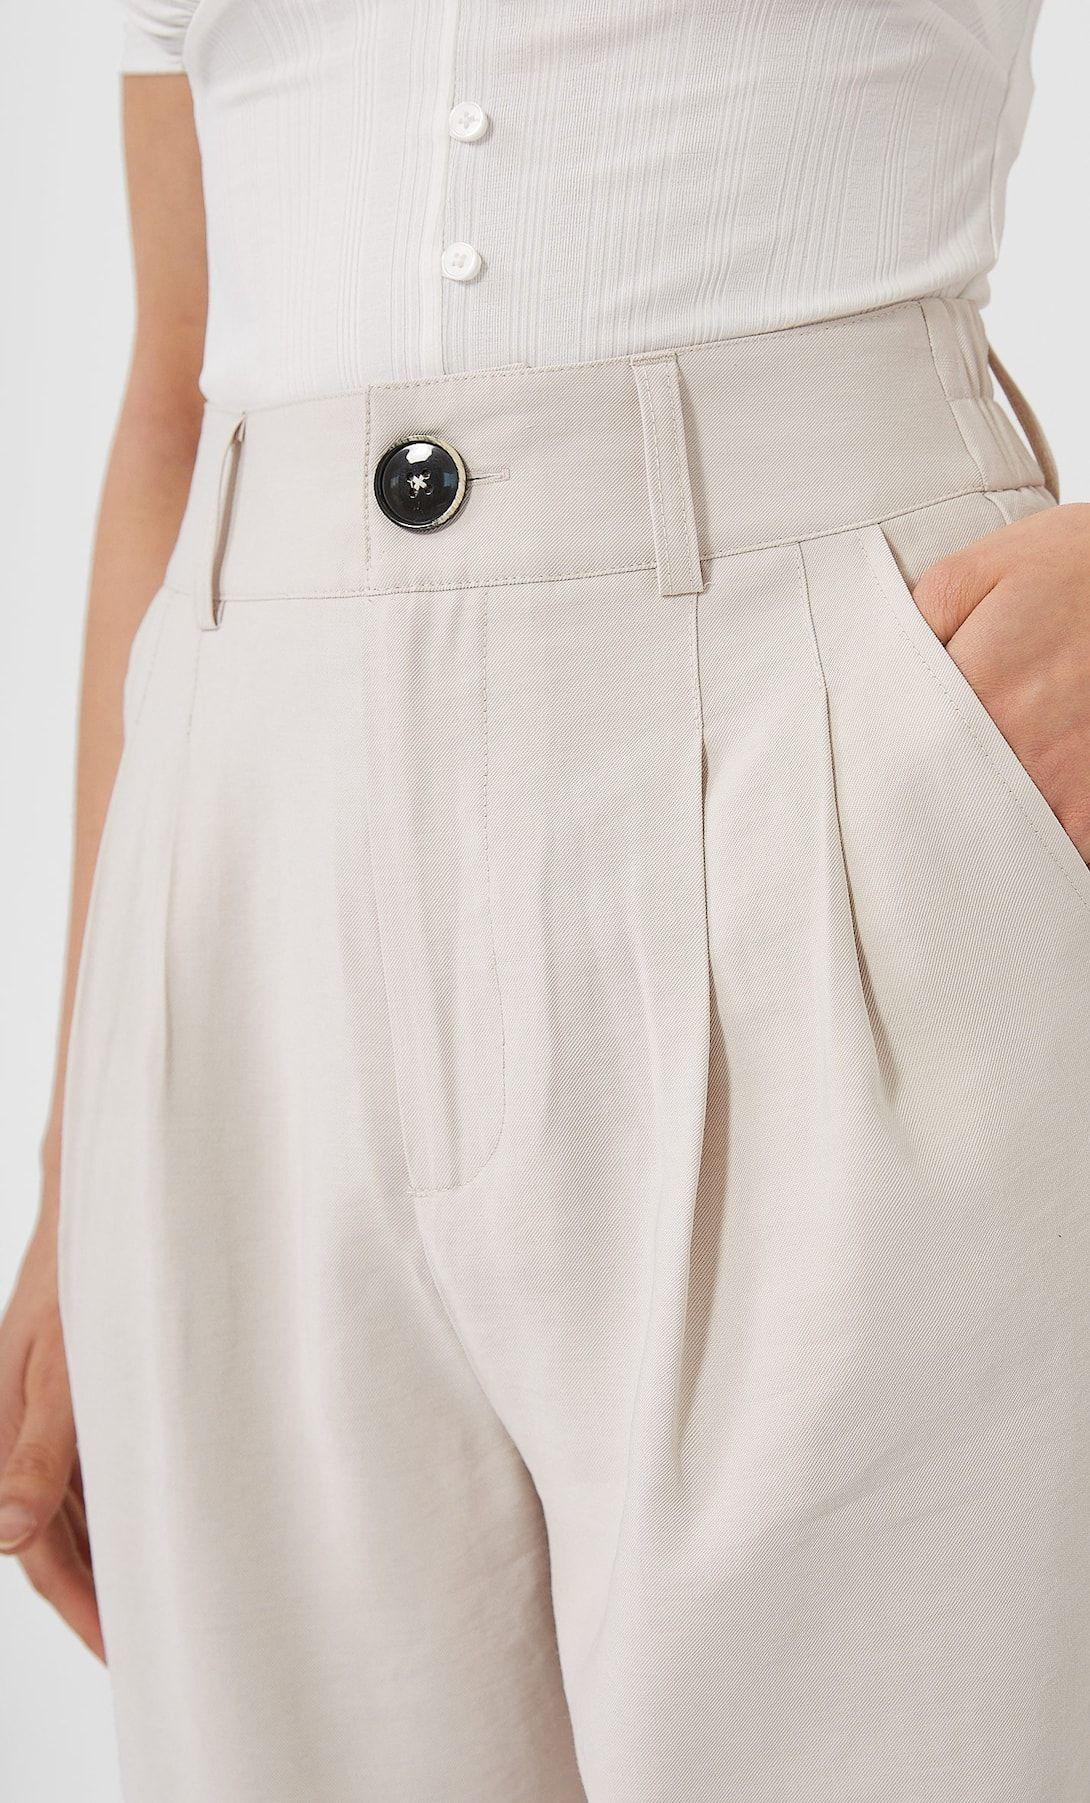 Los Pantalones Slouchy Fluidos De Stradivarus Para Mujeres Bajas